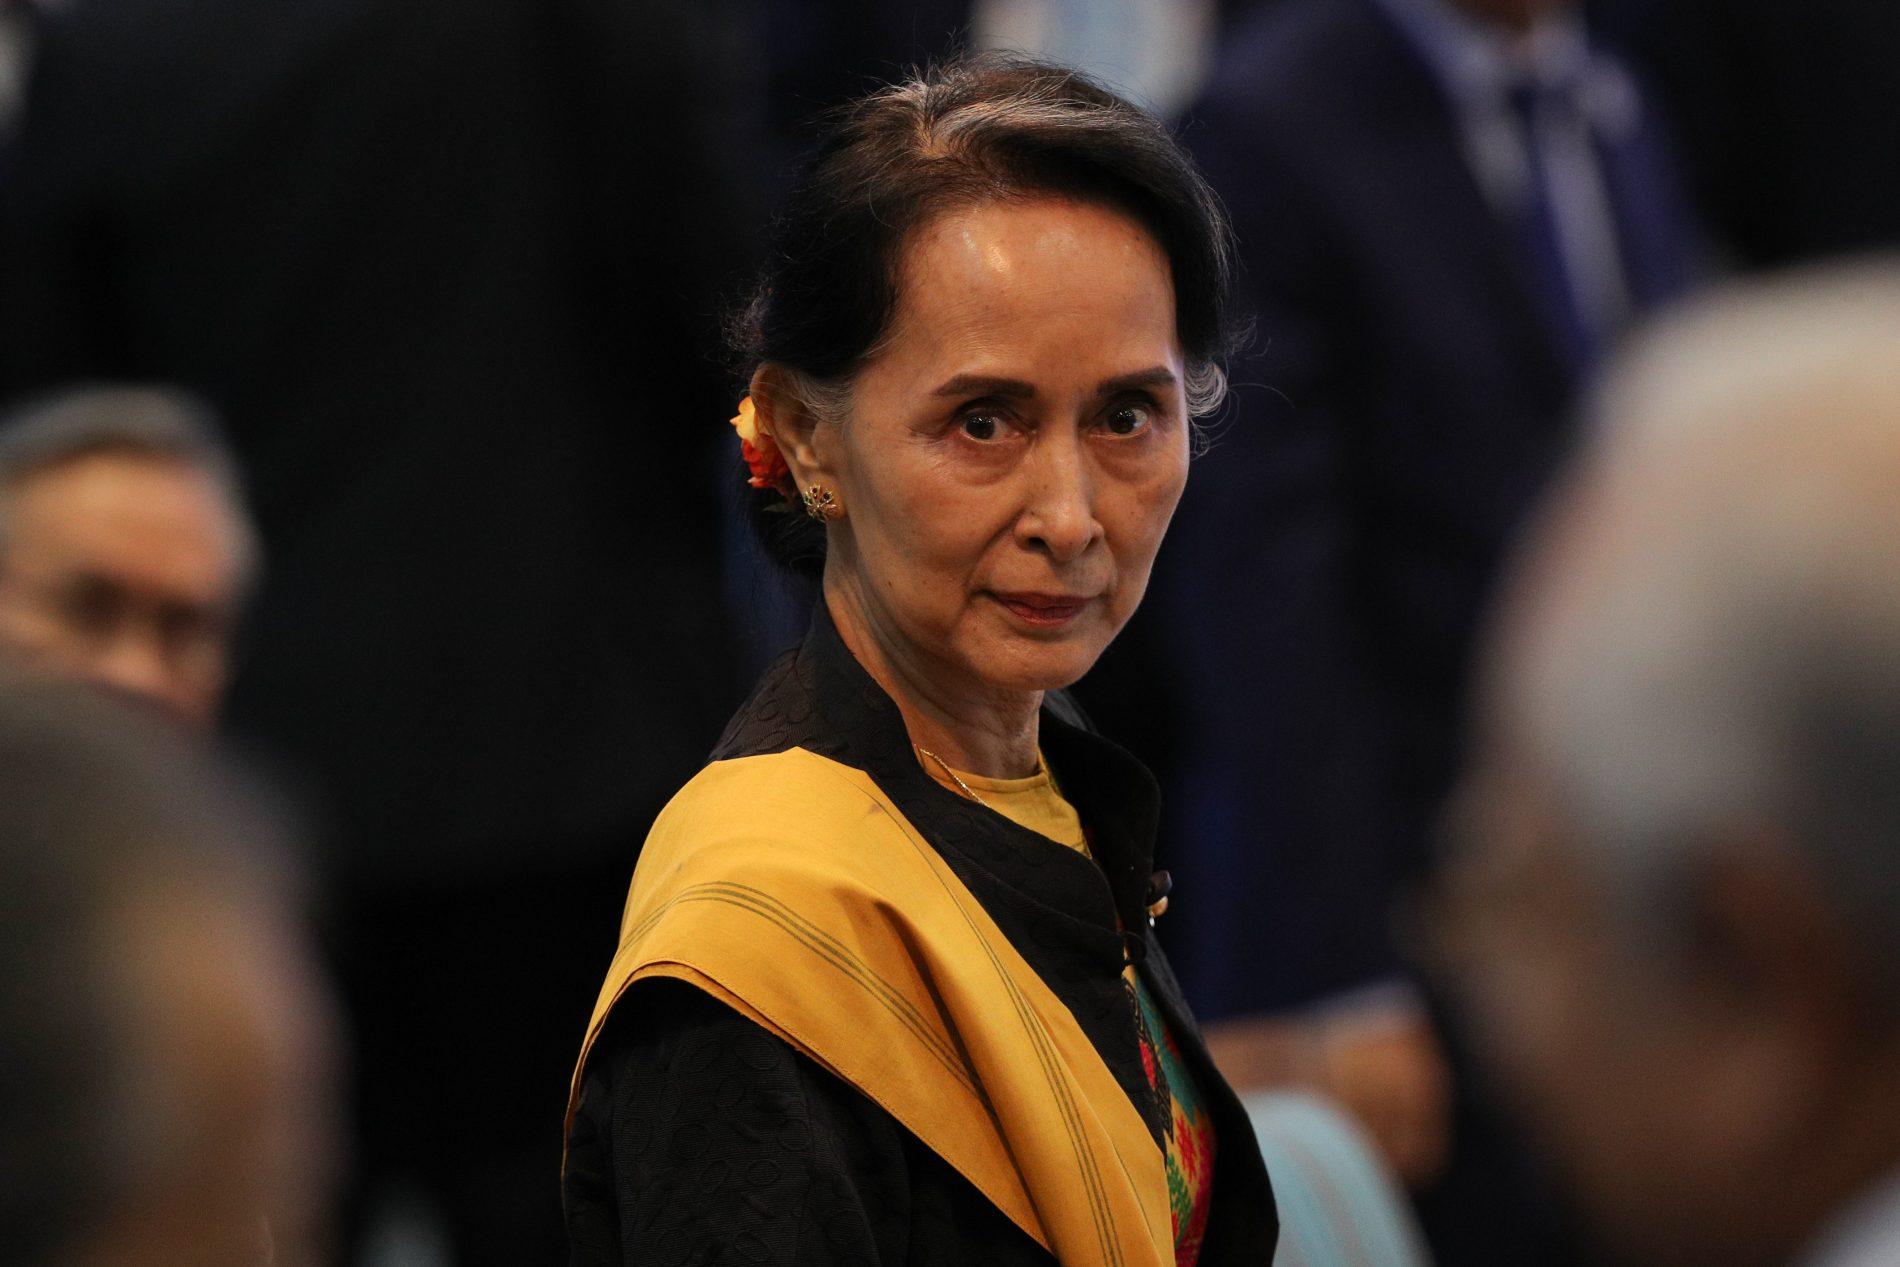 La Conseillère d'État et ministre birmane des Affaires étrangères Aung San Suu Kyi lors la session d'ouverture du 31ème sommet de l'ASEAN à Manille, le 13 novembre 2017. (Crédits : AFP PHOTO / ATHIT PERAWONGMETHA)